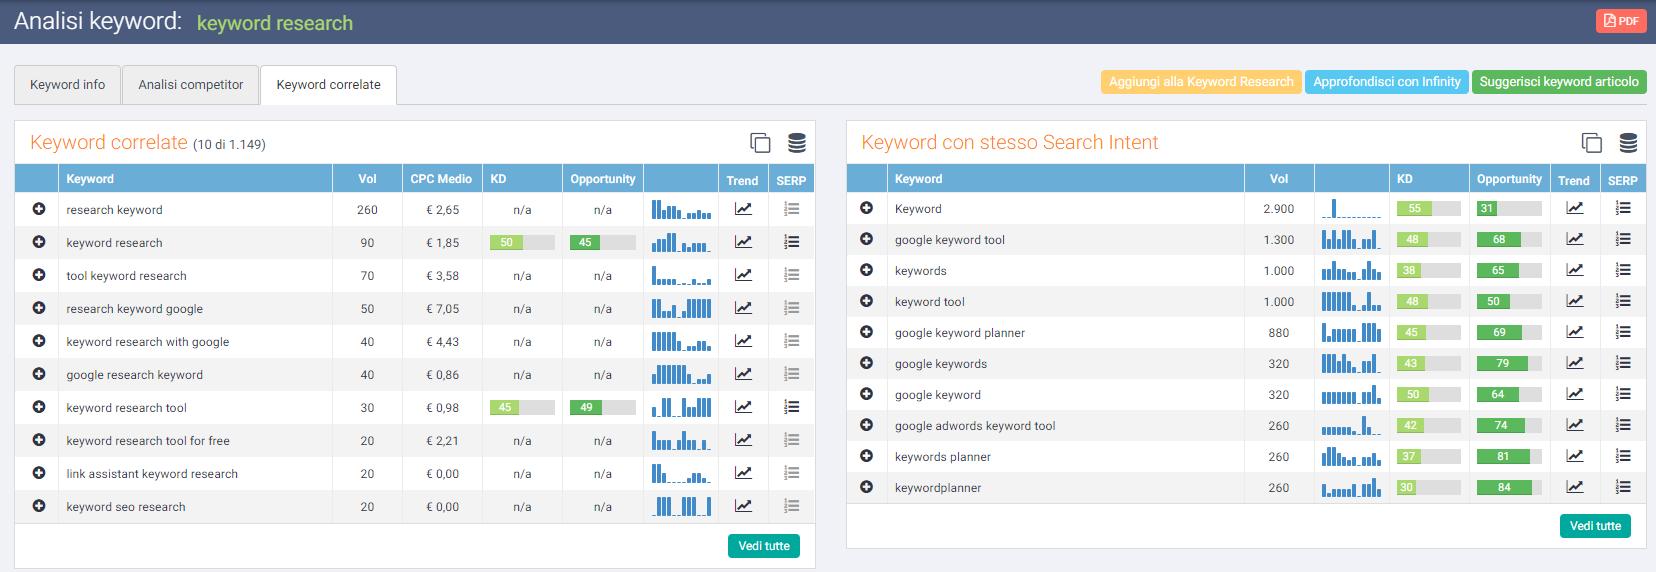 Tabella search intent e keyword correlate